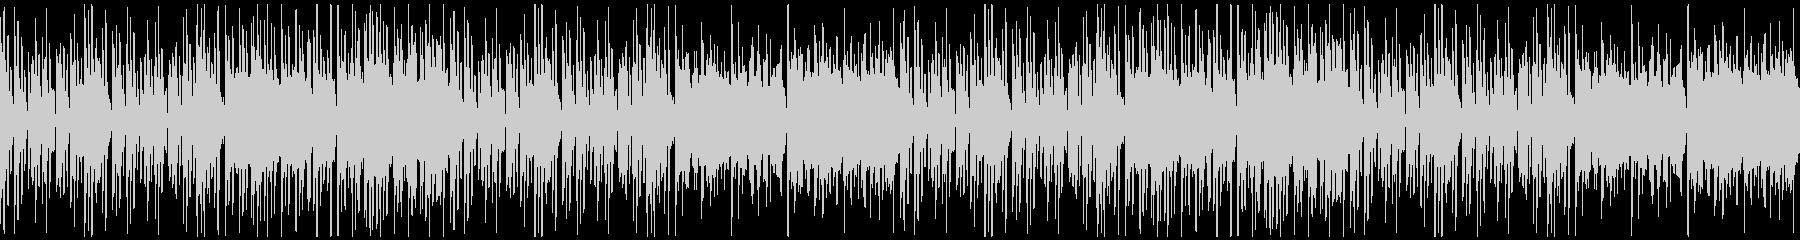 怪しげでいたずらっぽいハロウィン系BGMの未再生の波形